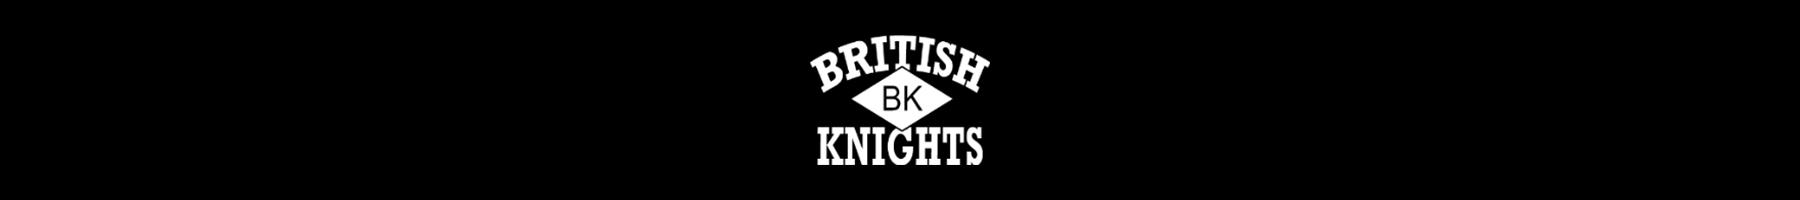 DrJays.com - British Knights